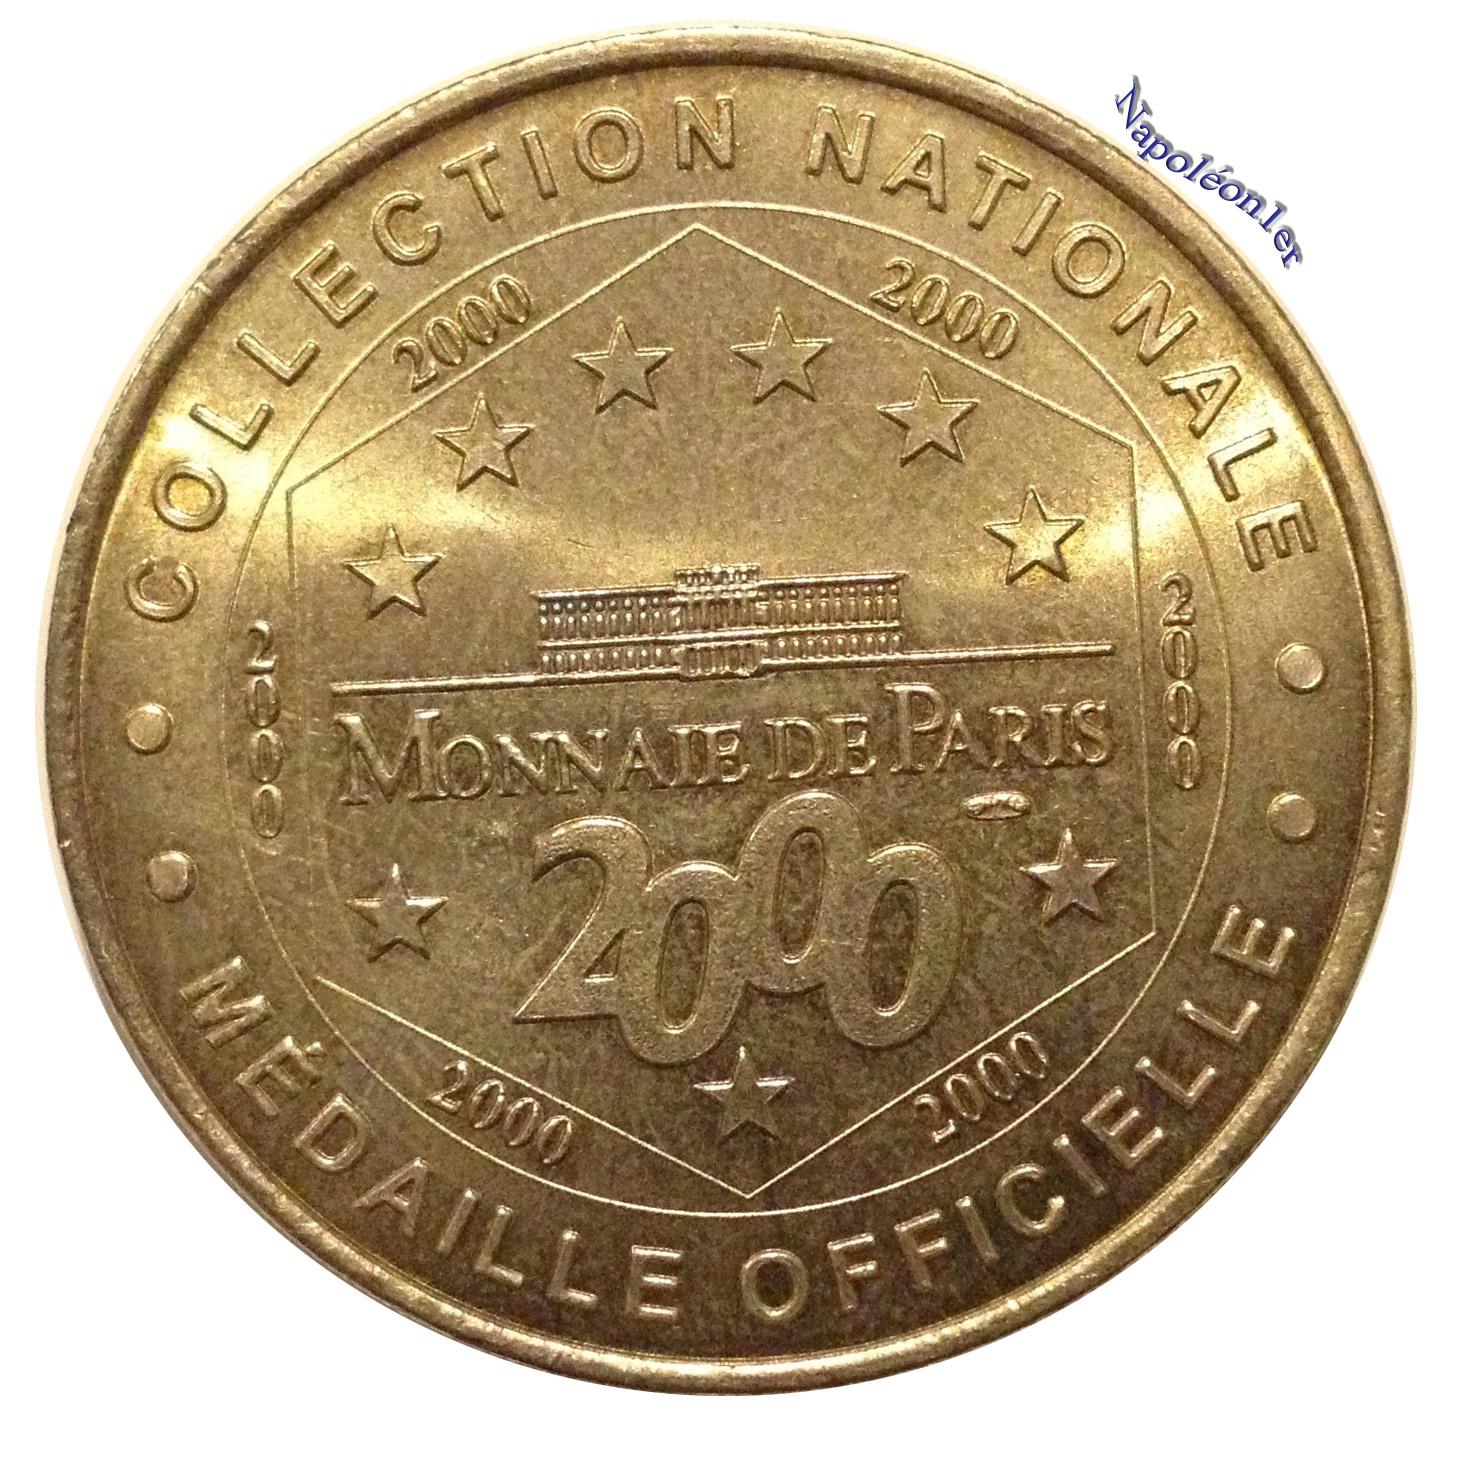 monnaie de paris france 2010